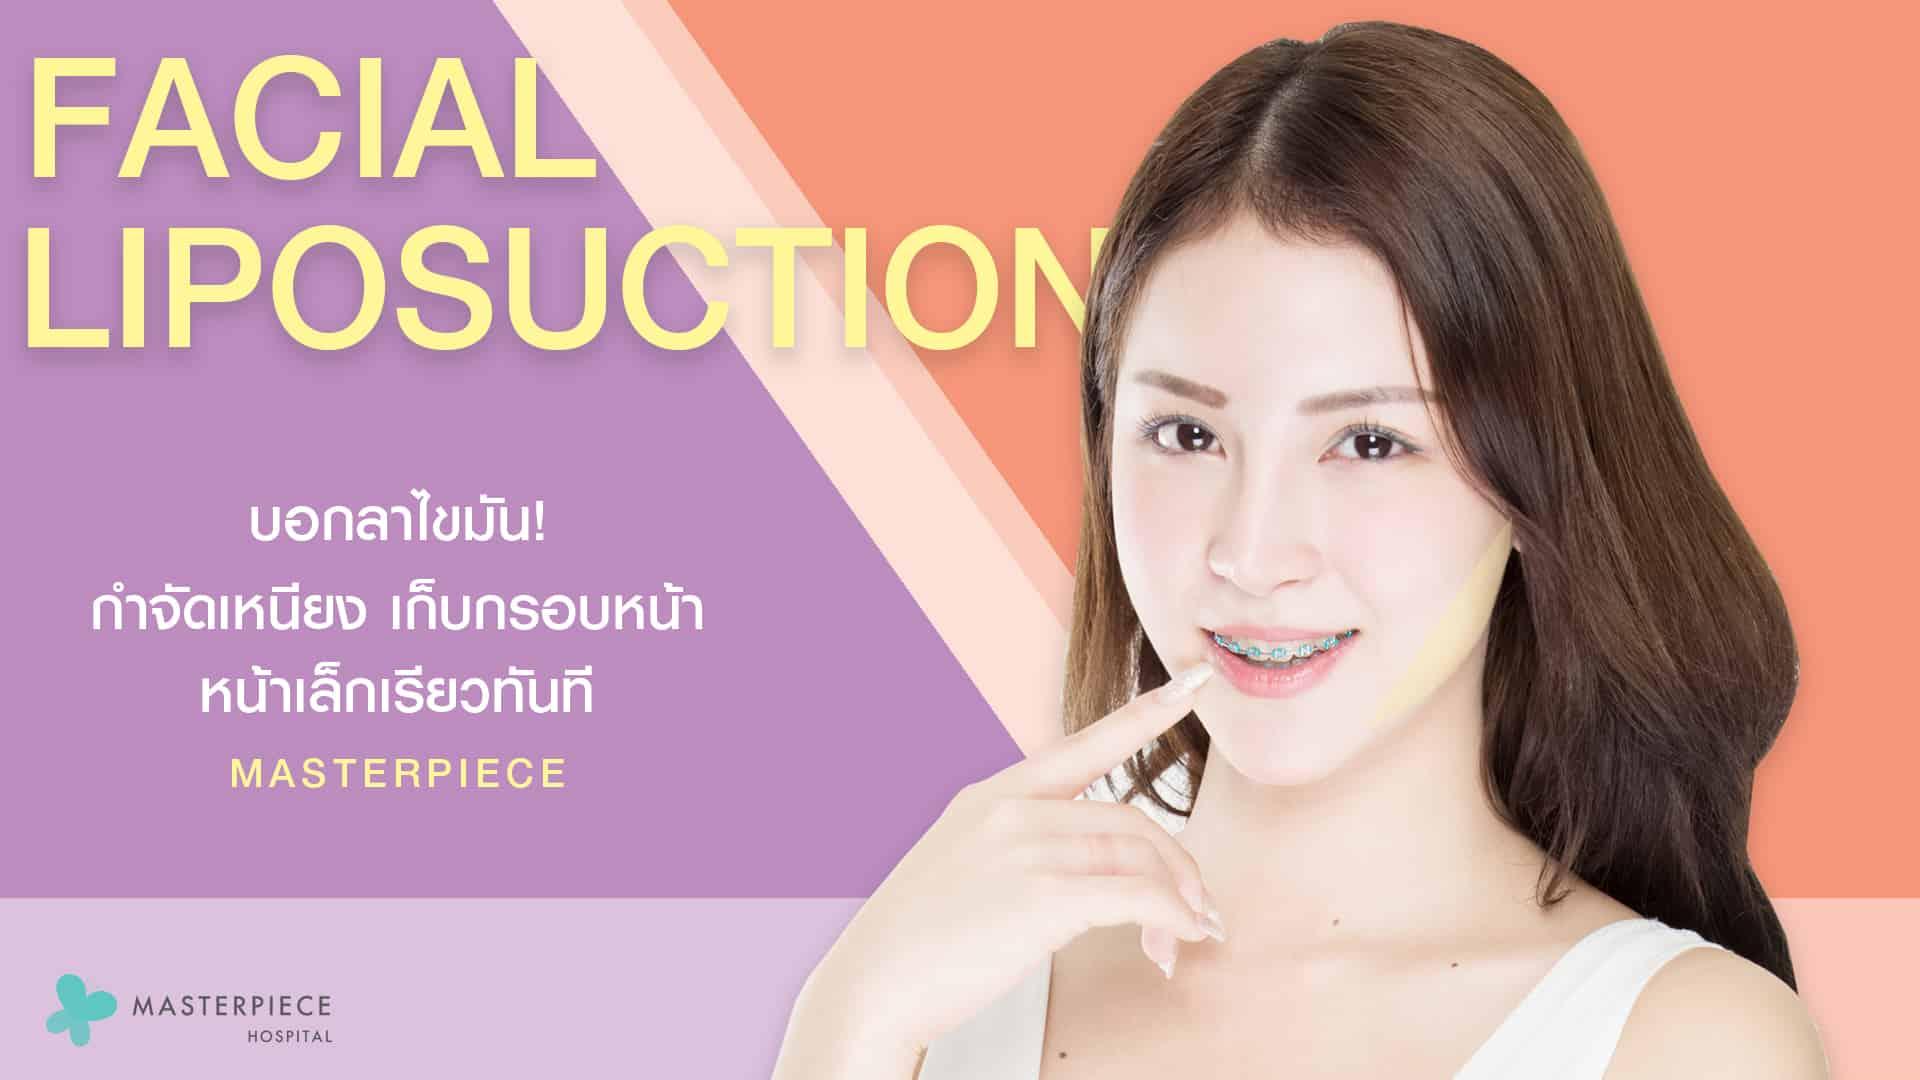 ดูดไขมันหน้า Facial Vaser Liposuction